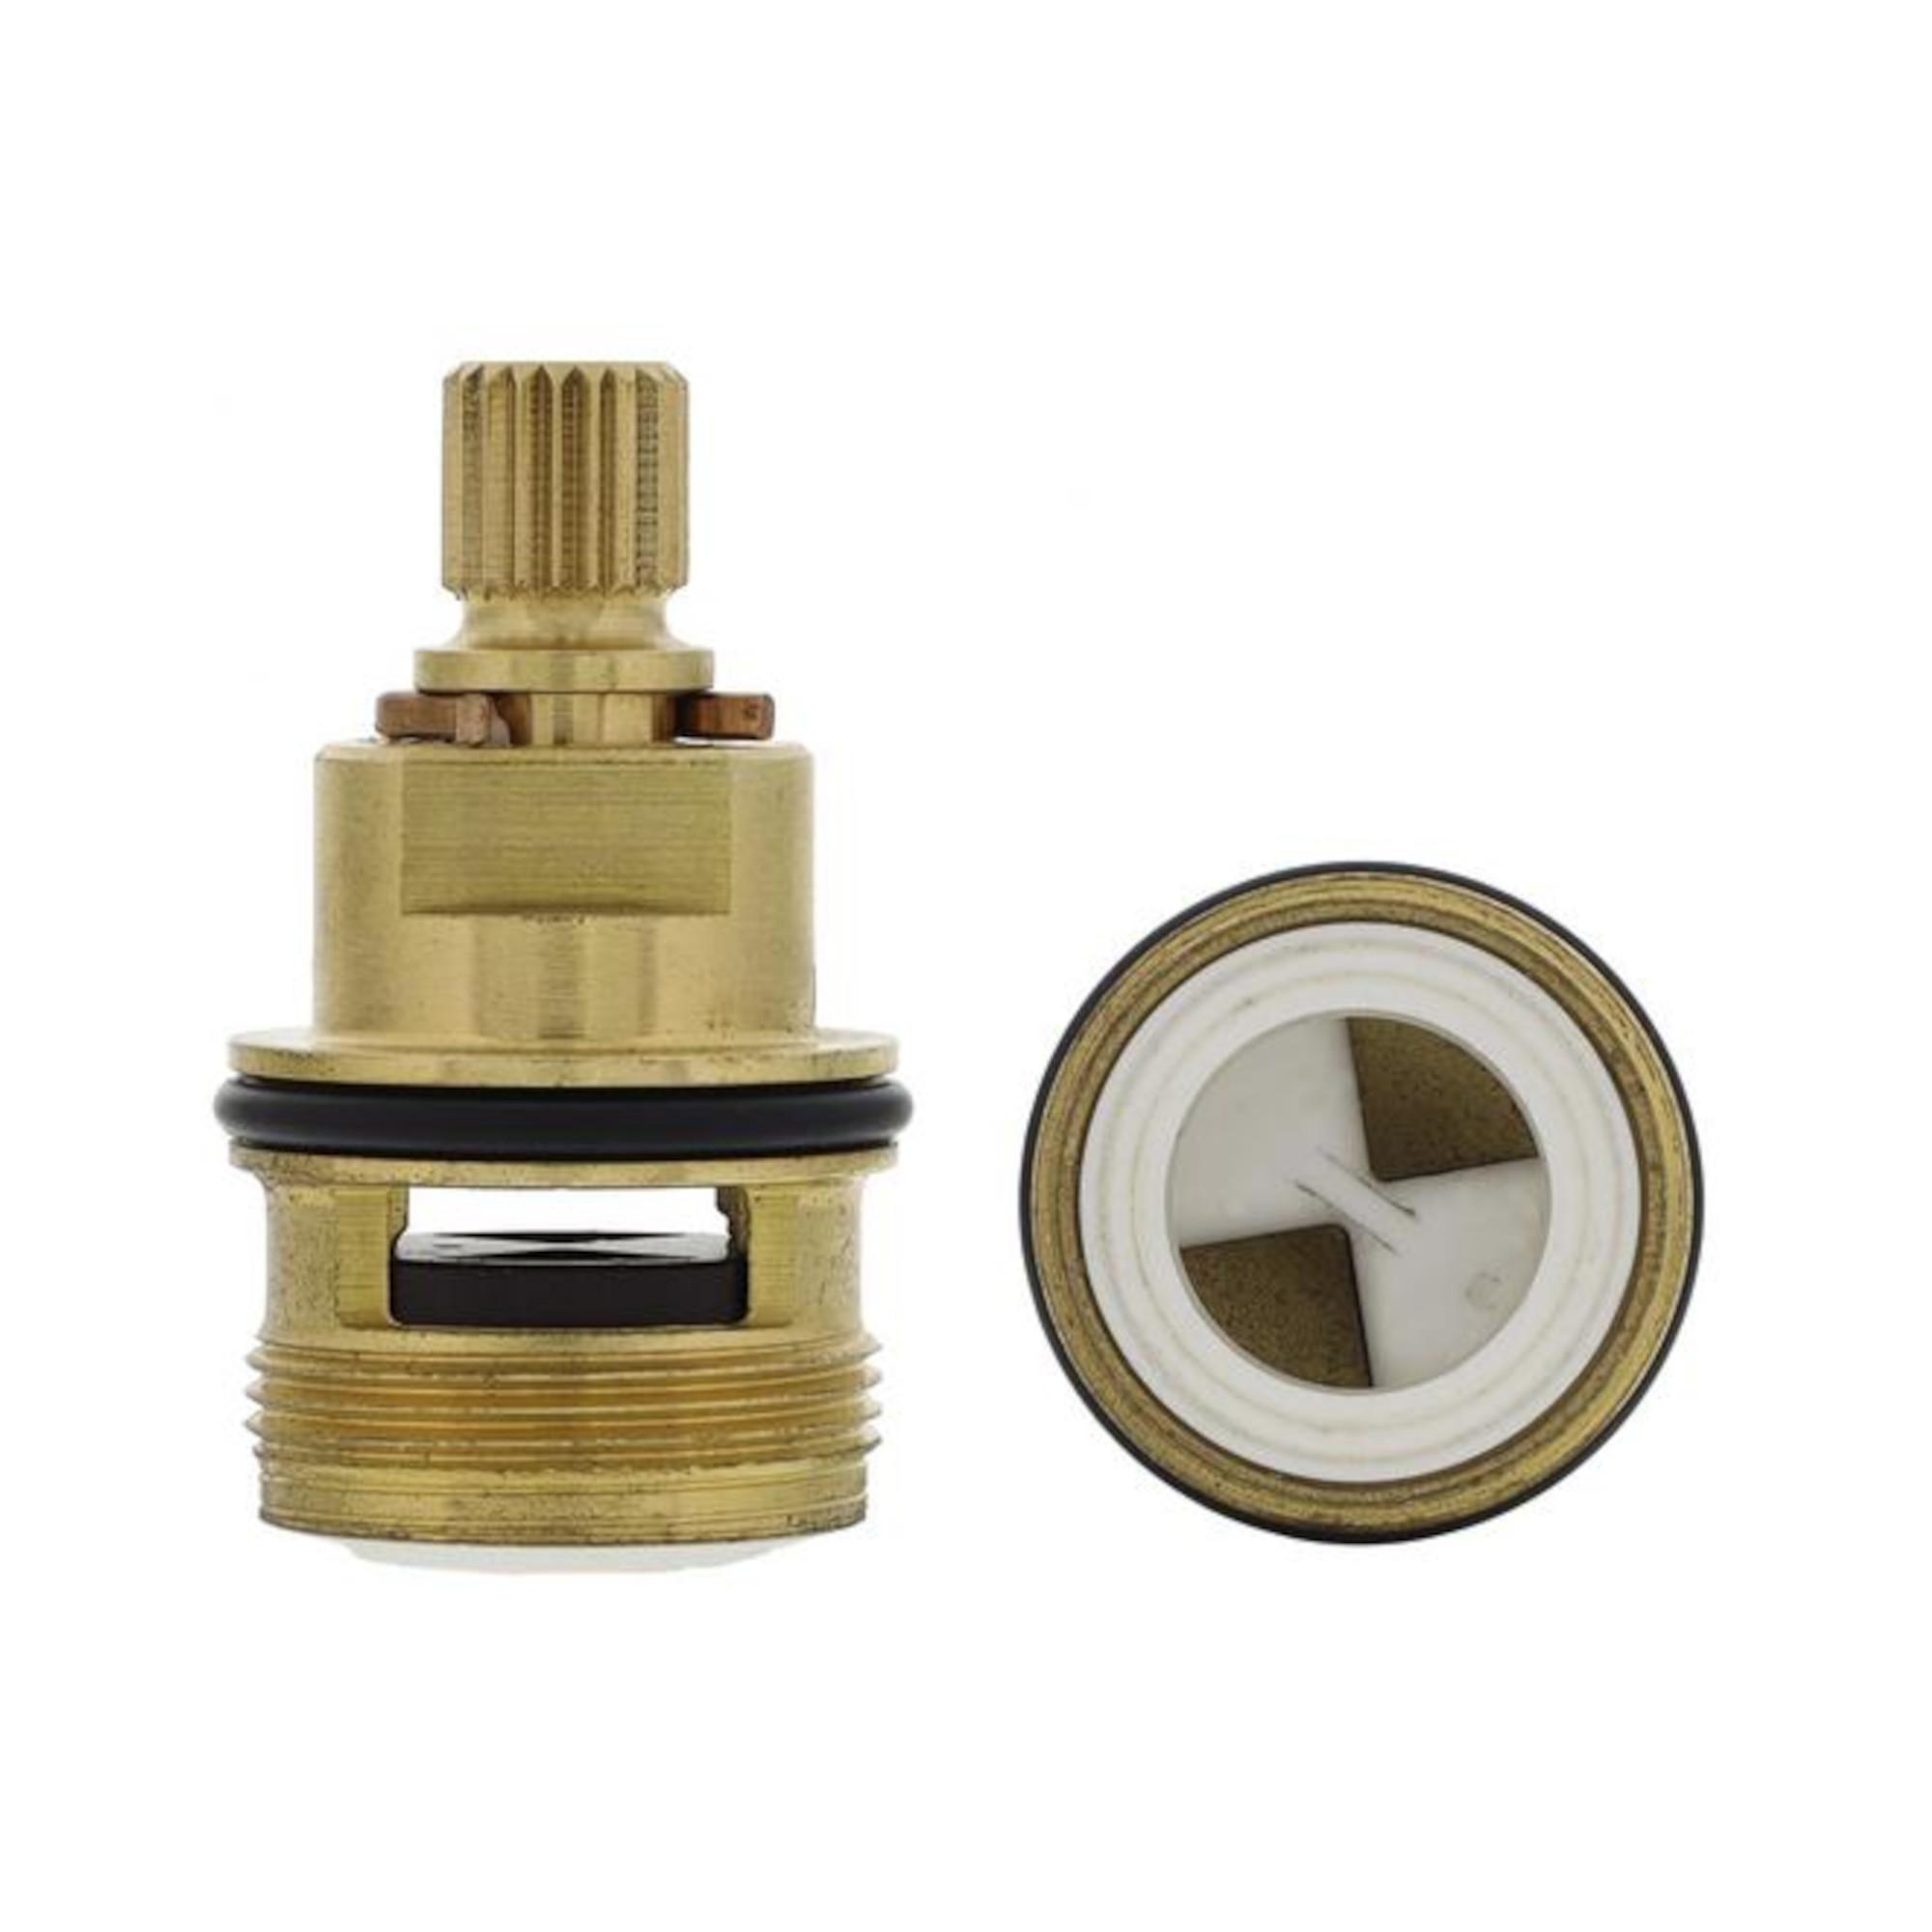 BLANCO Kartusche ABSPERRVENTIL HD Ø= 20 MM HA 117391, MESSING, Für Blanco ELIPSO Wasserhahn Hochdruck